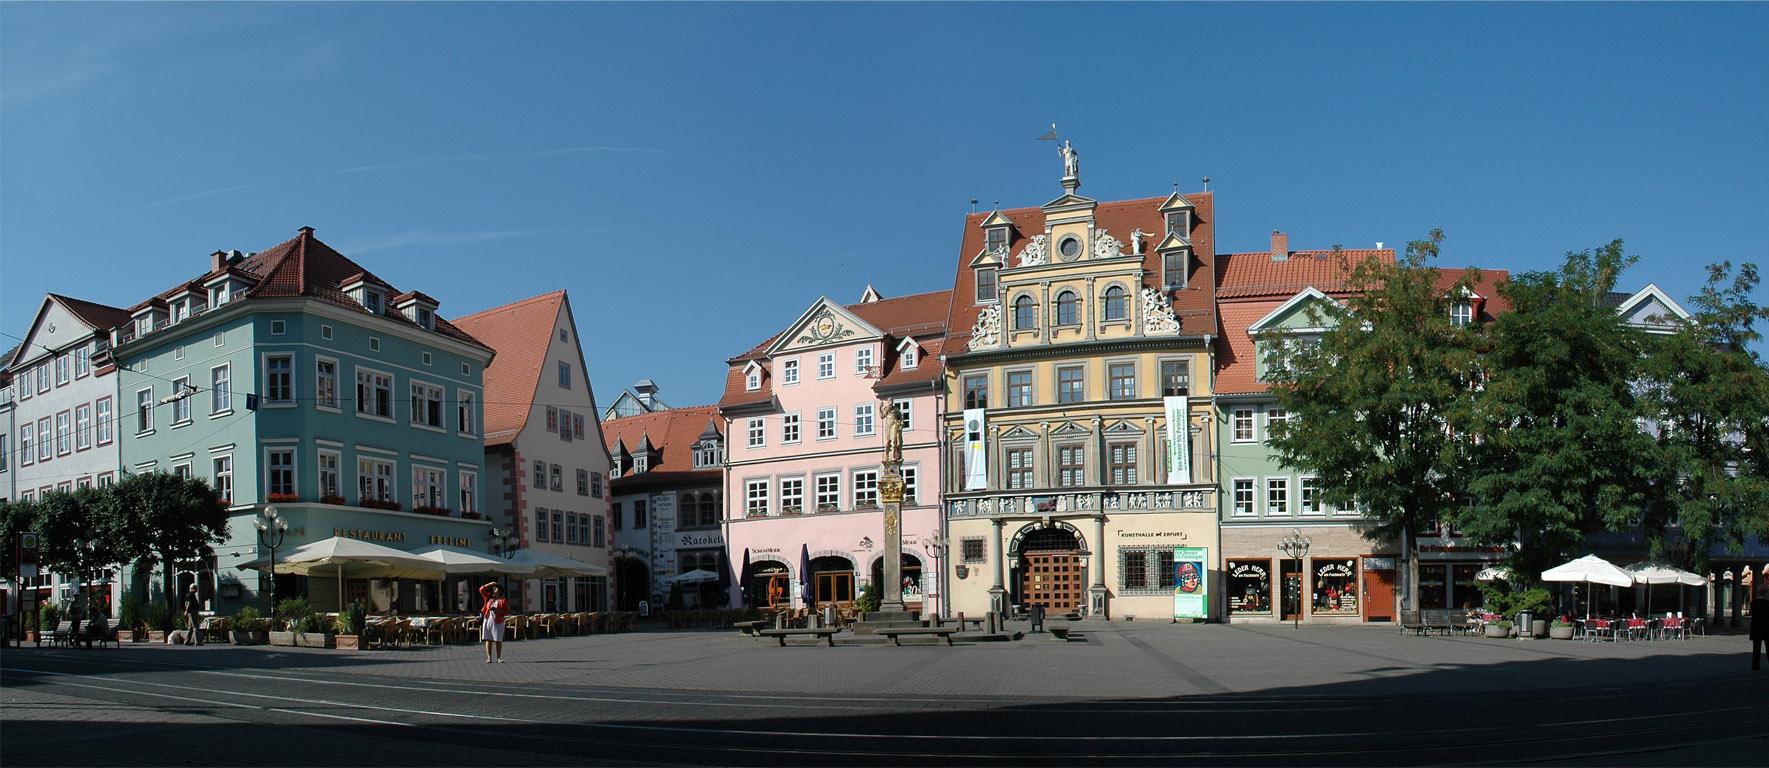 Популярные достопримечательности Эрфурта (Германия), что посмотреть в Эрфурте